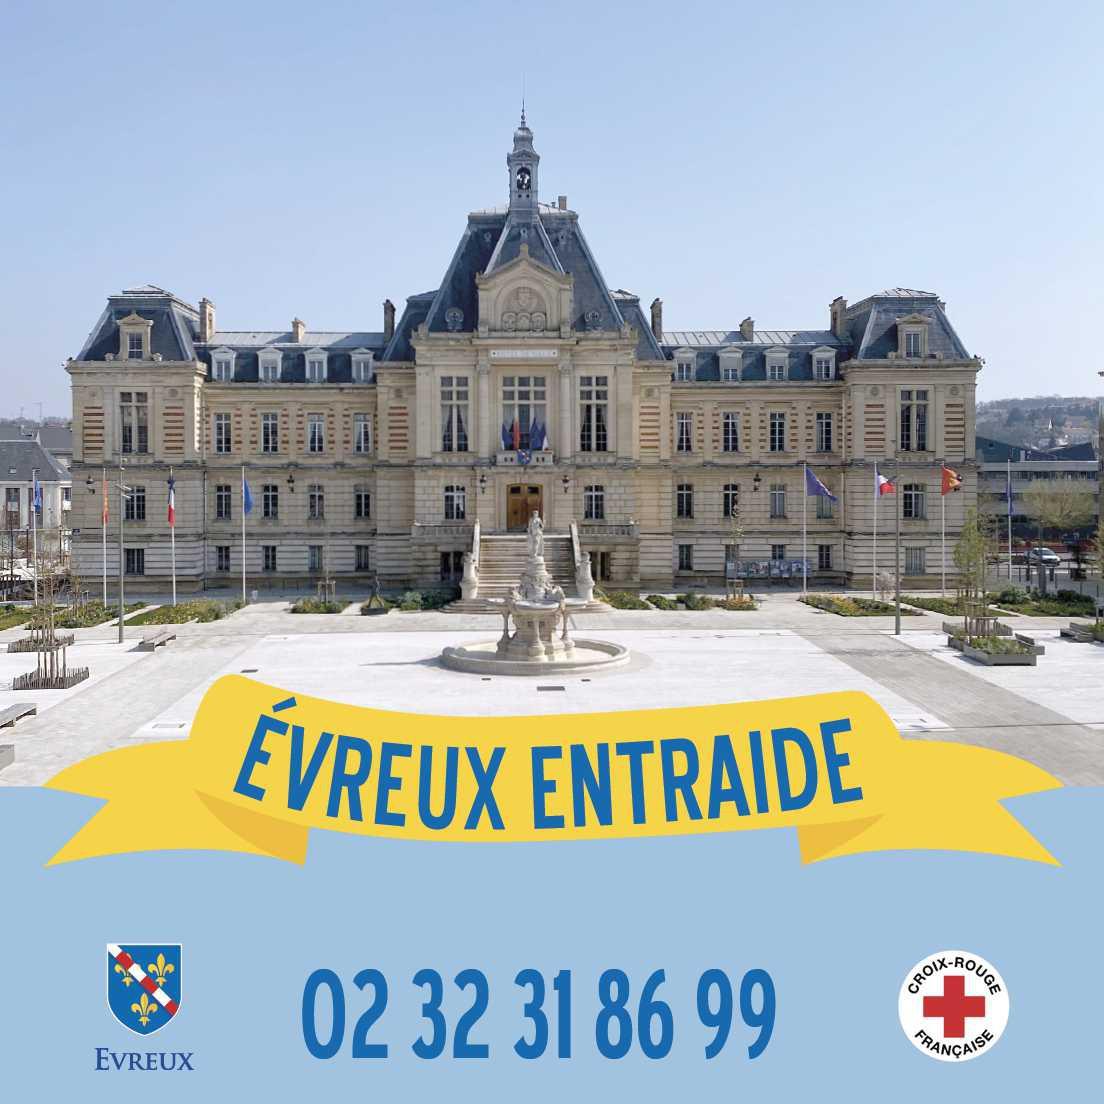 « Evreux Entraide » : La Ville d'Évreux et la Croix-Rouge ouvrent une plateforme pour les bénévoles